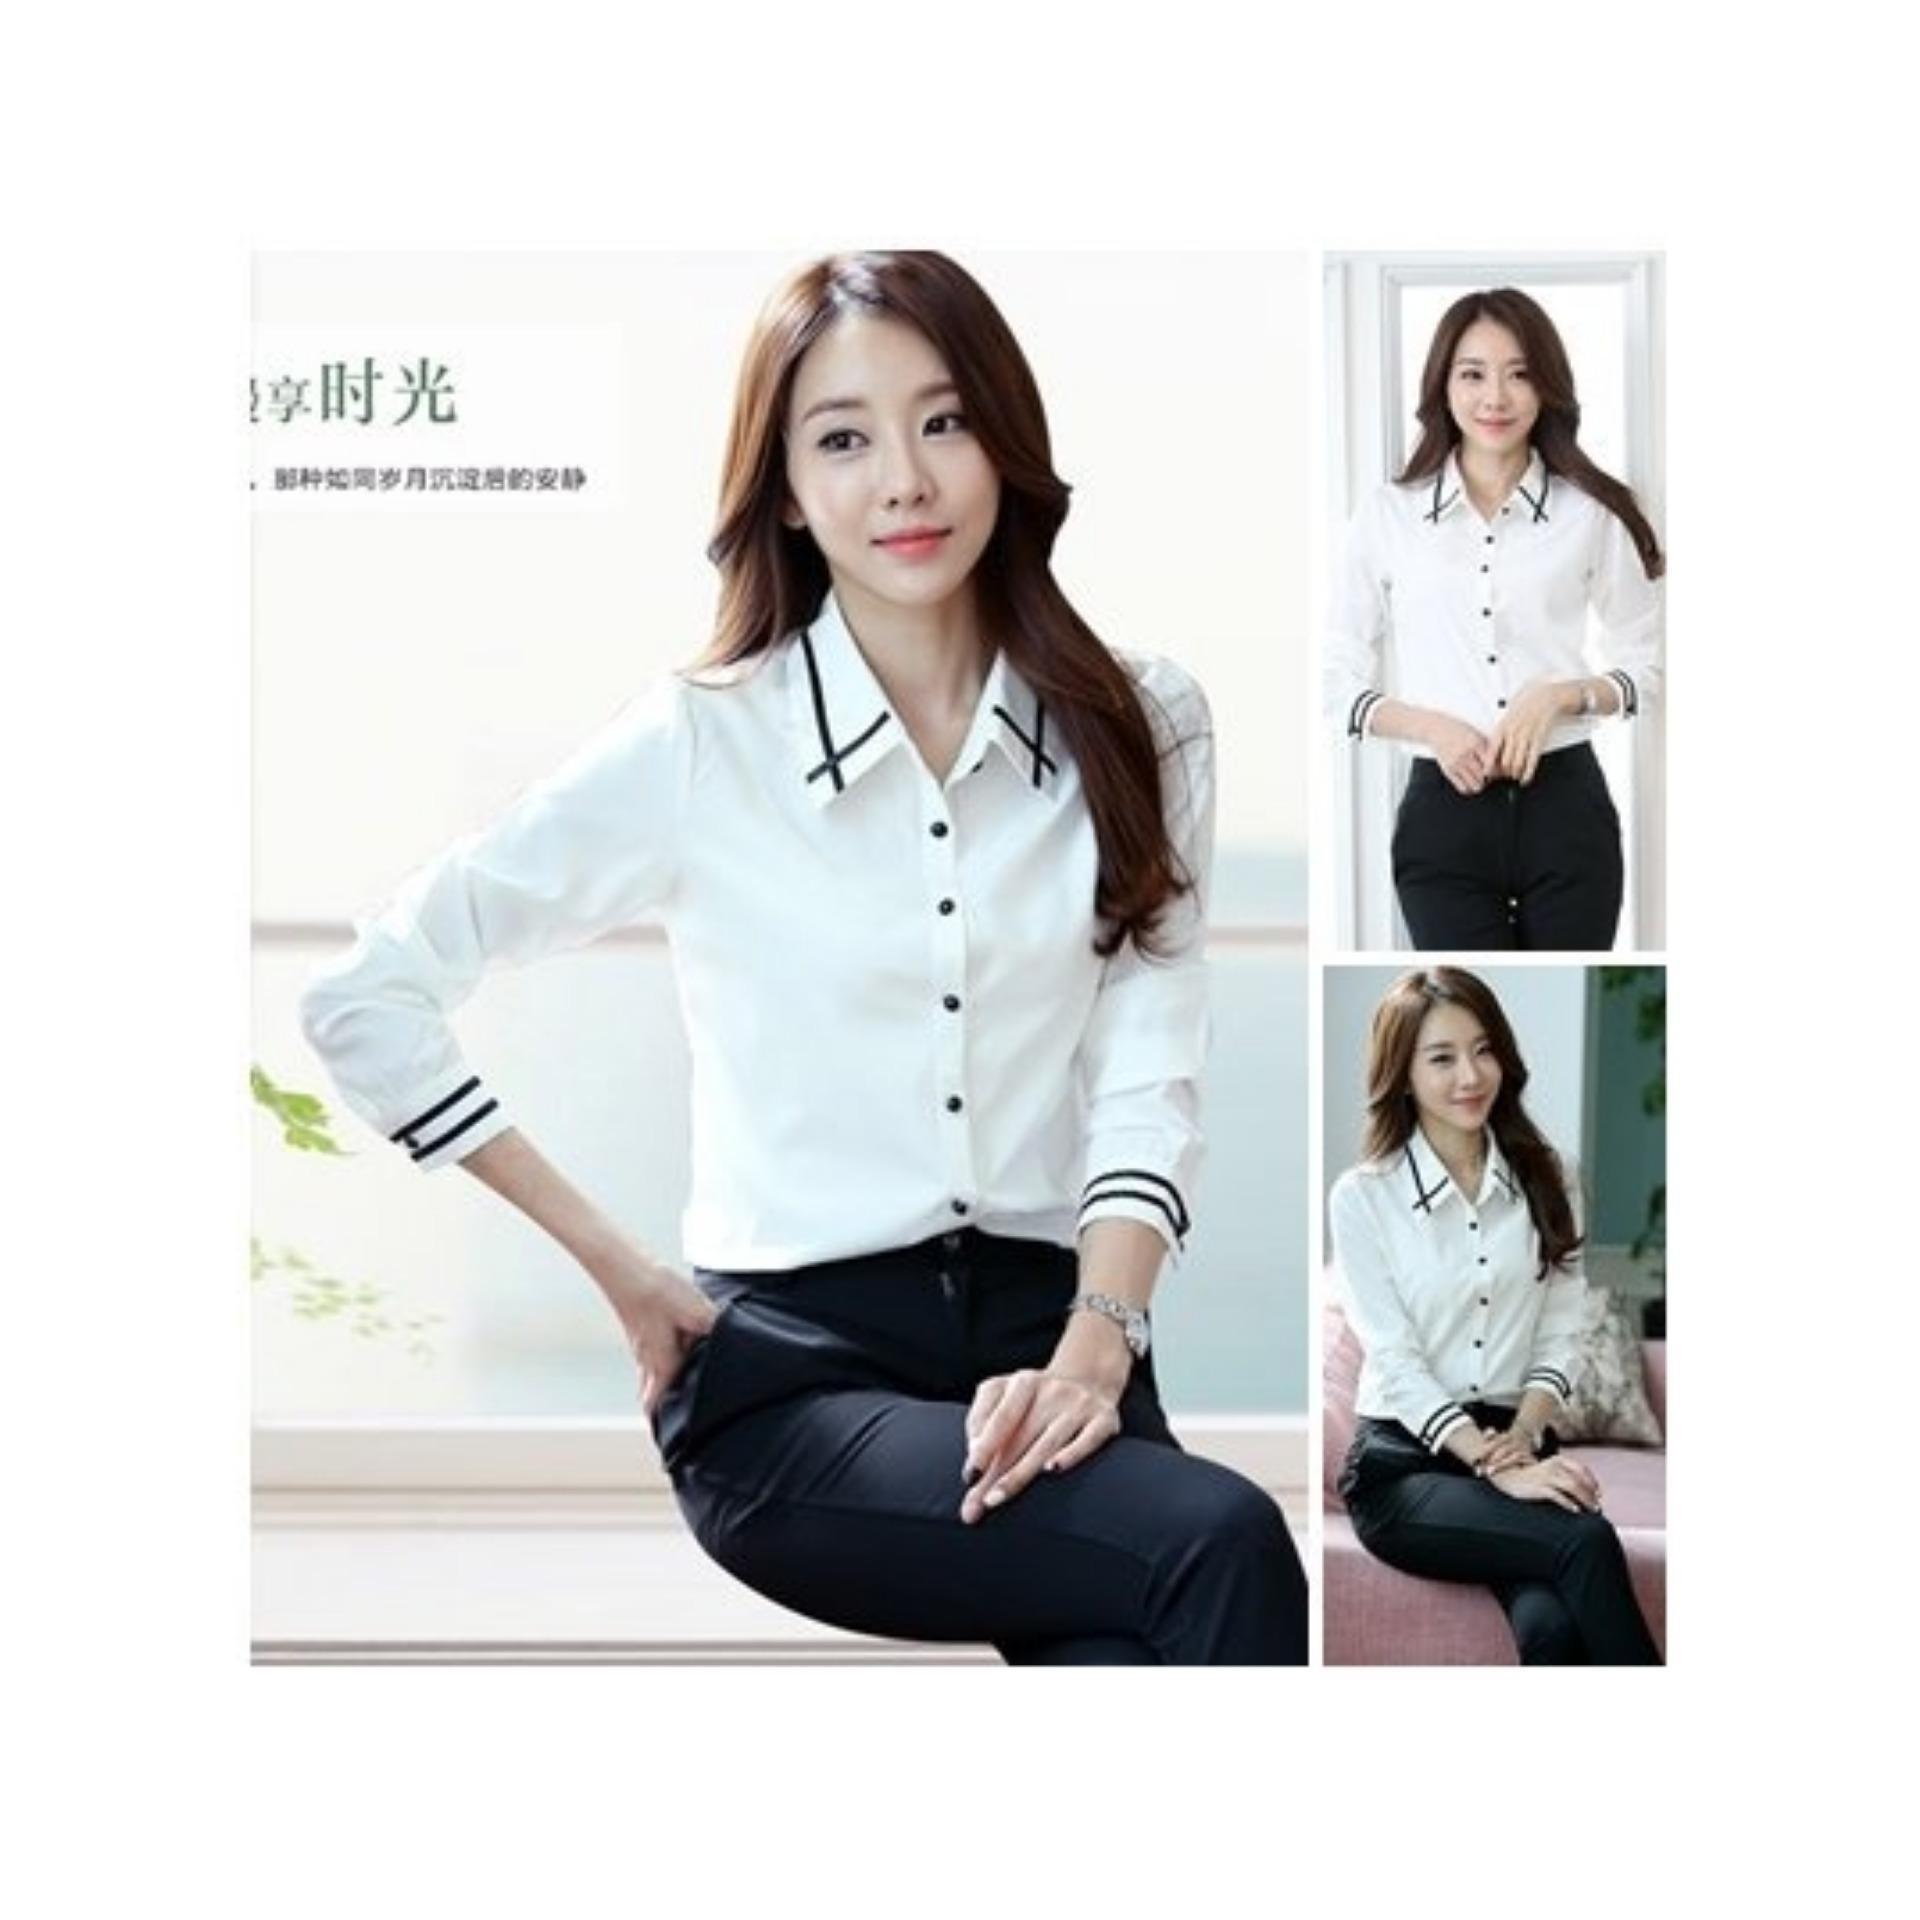 DeluxeBrand Hem Angel White / Baju Wanita / Blouse Korea / Atasan Wanita / Baju Formal